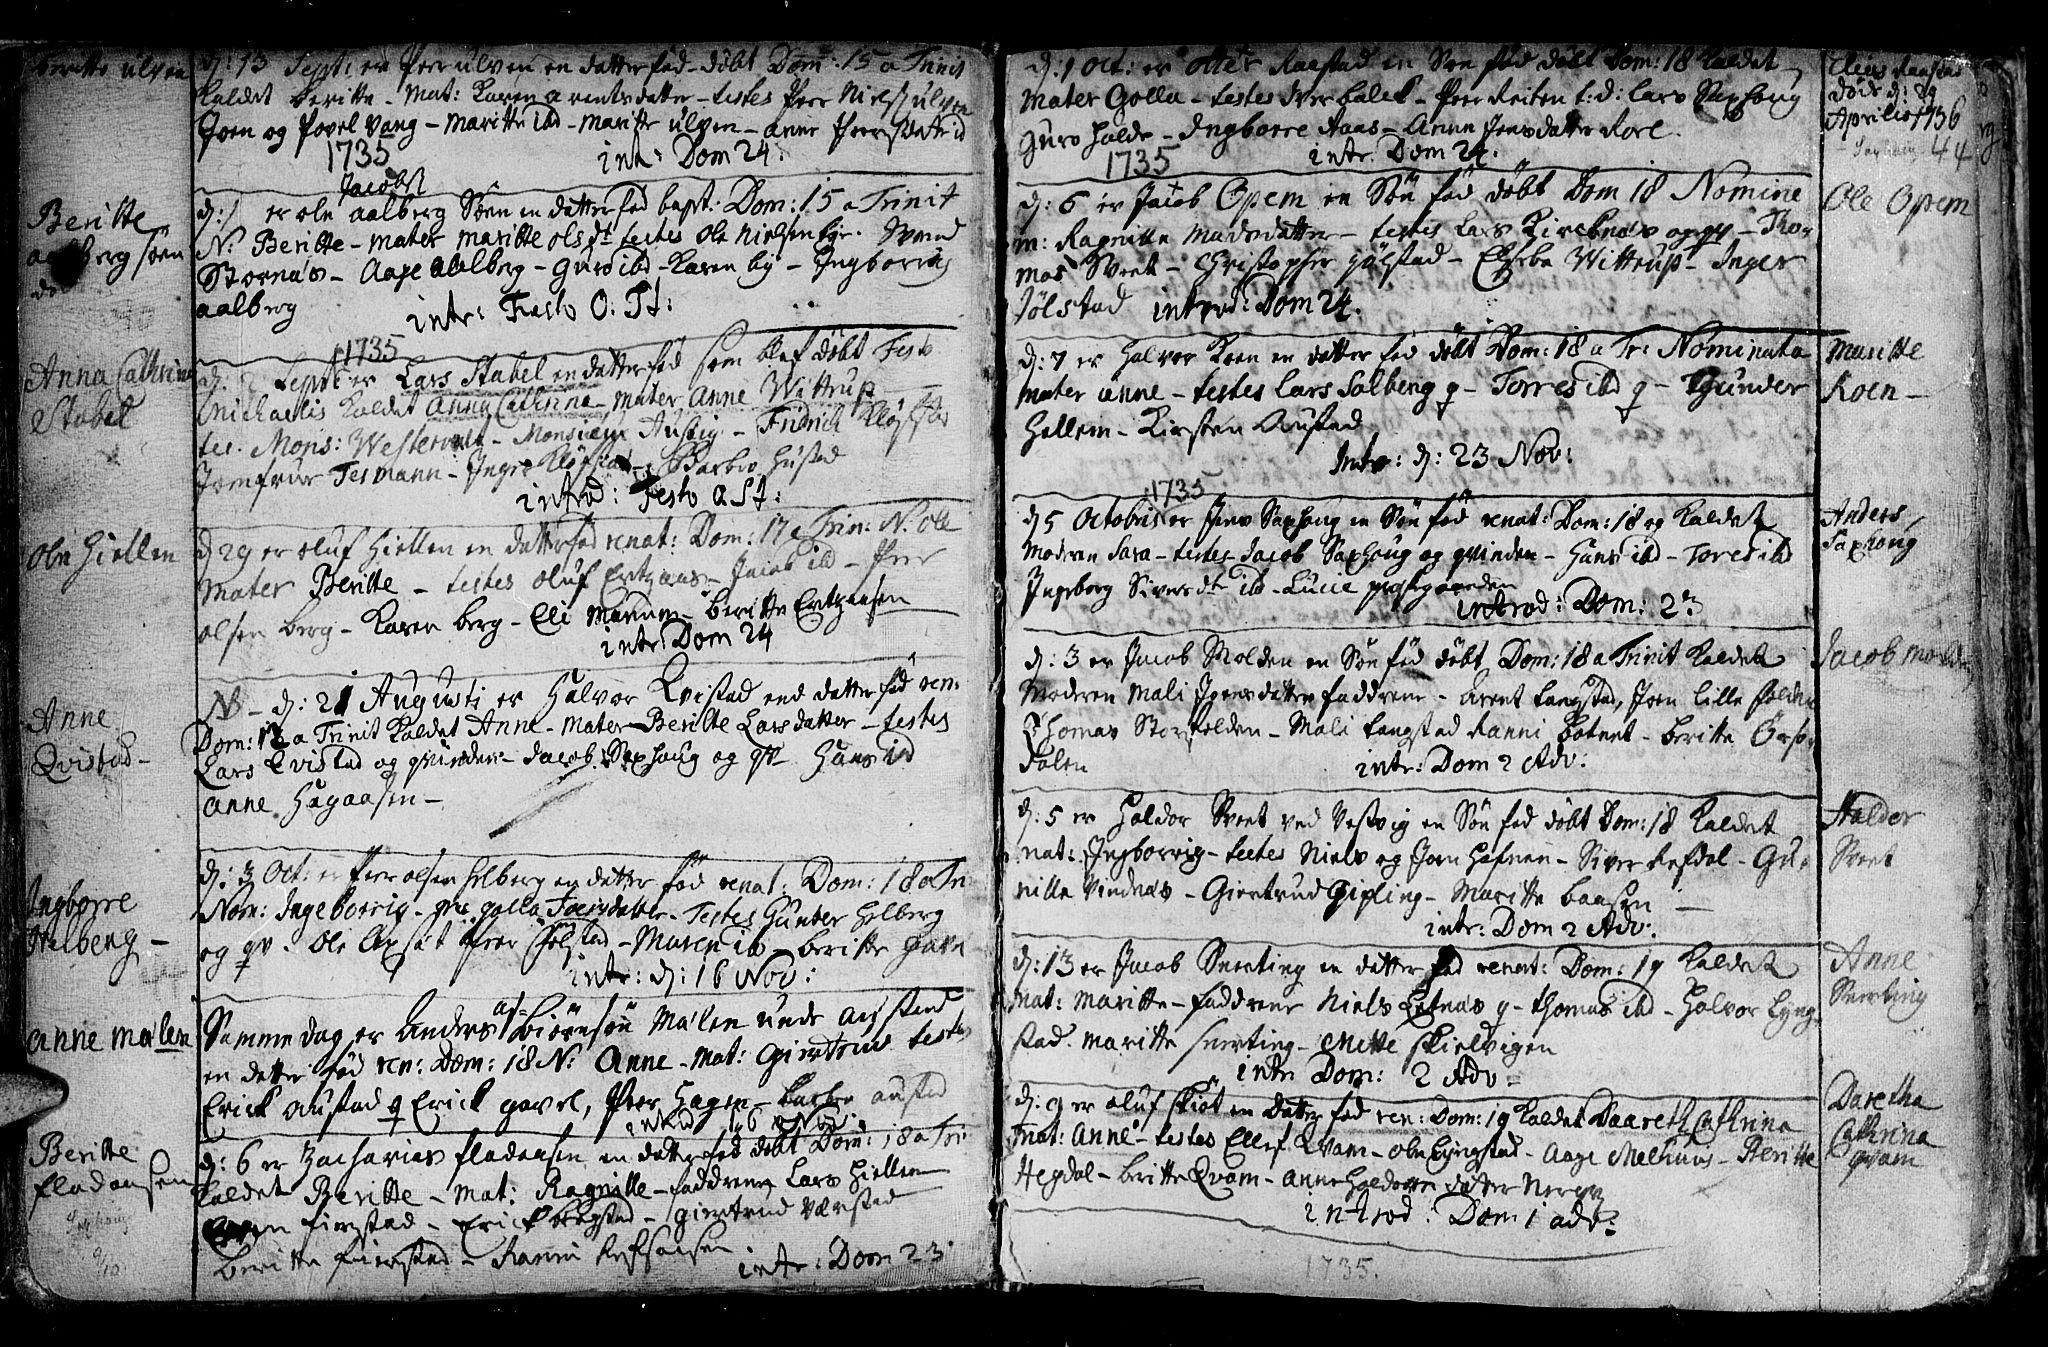 SAT, Ministerialprotokoller, klokkerbøker og fødselsregistre - Nord-Trøndelag, 730/L0272: Ministerialbok nr. 730A01, 1733-1764, s. 44